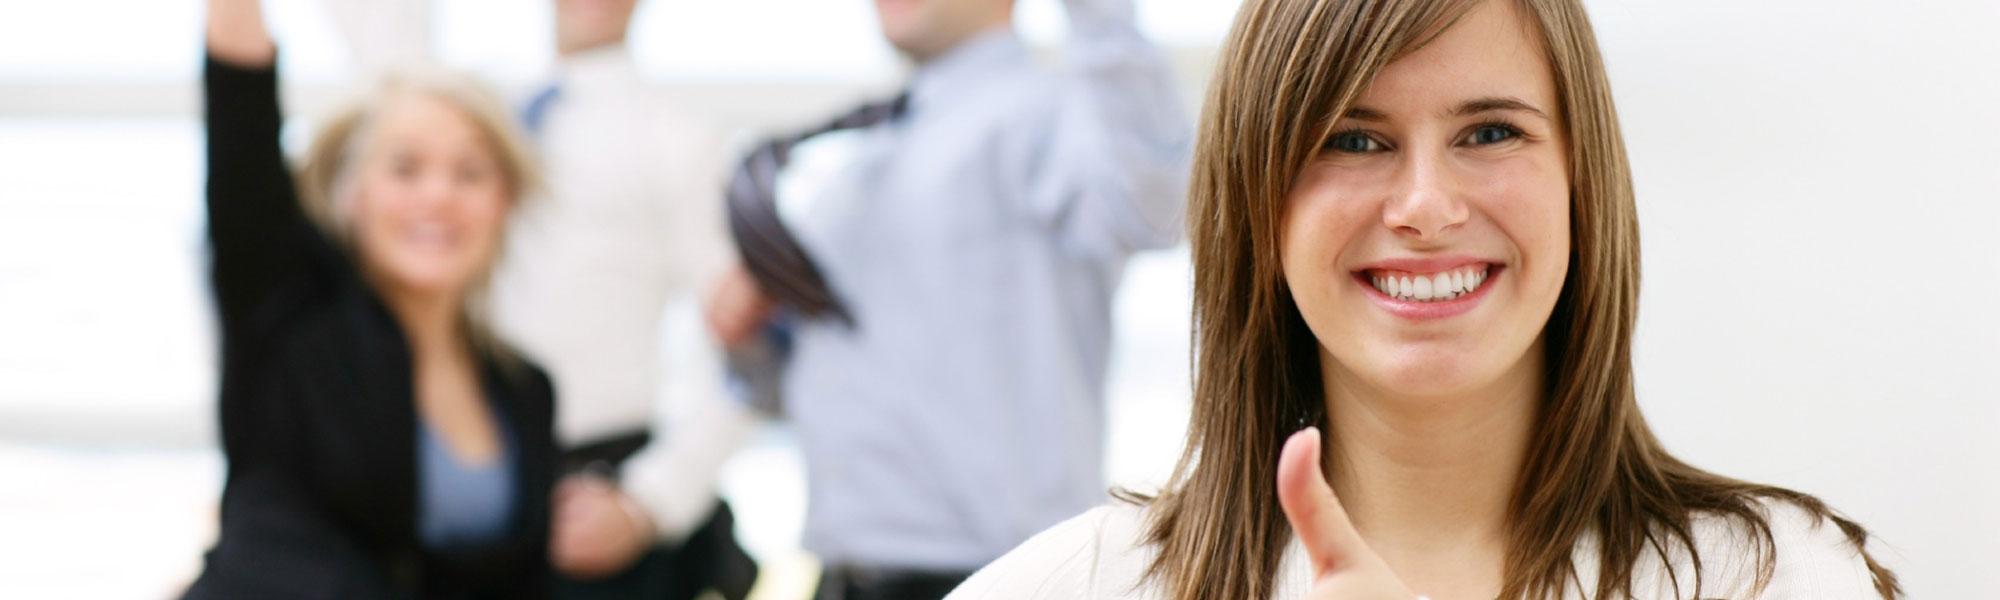 Offerta valida per   sms di Altissima e media qualità!